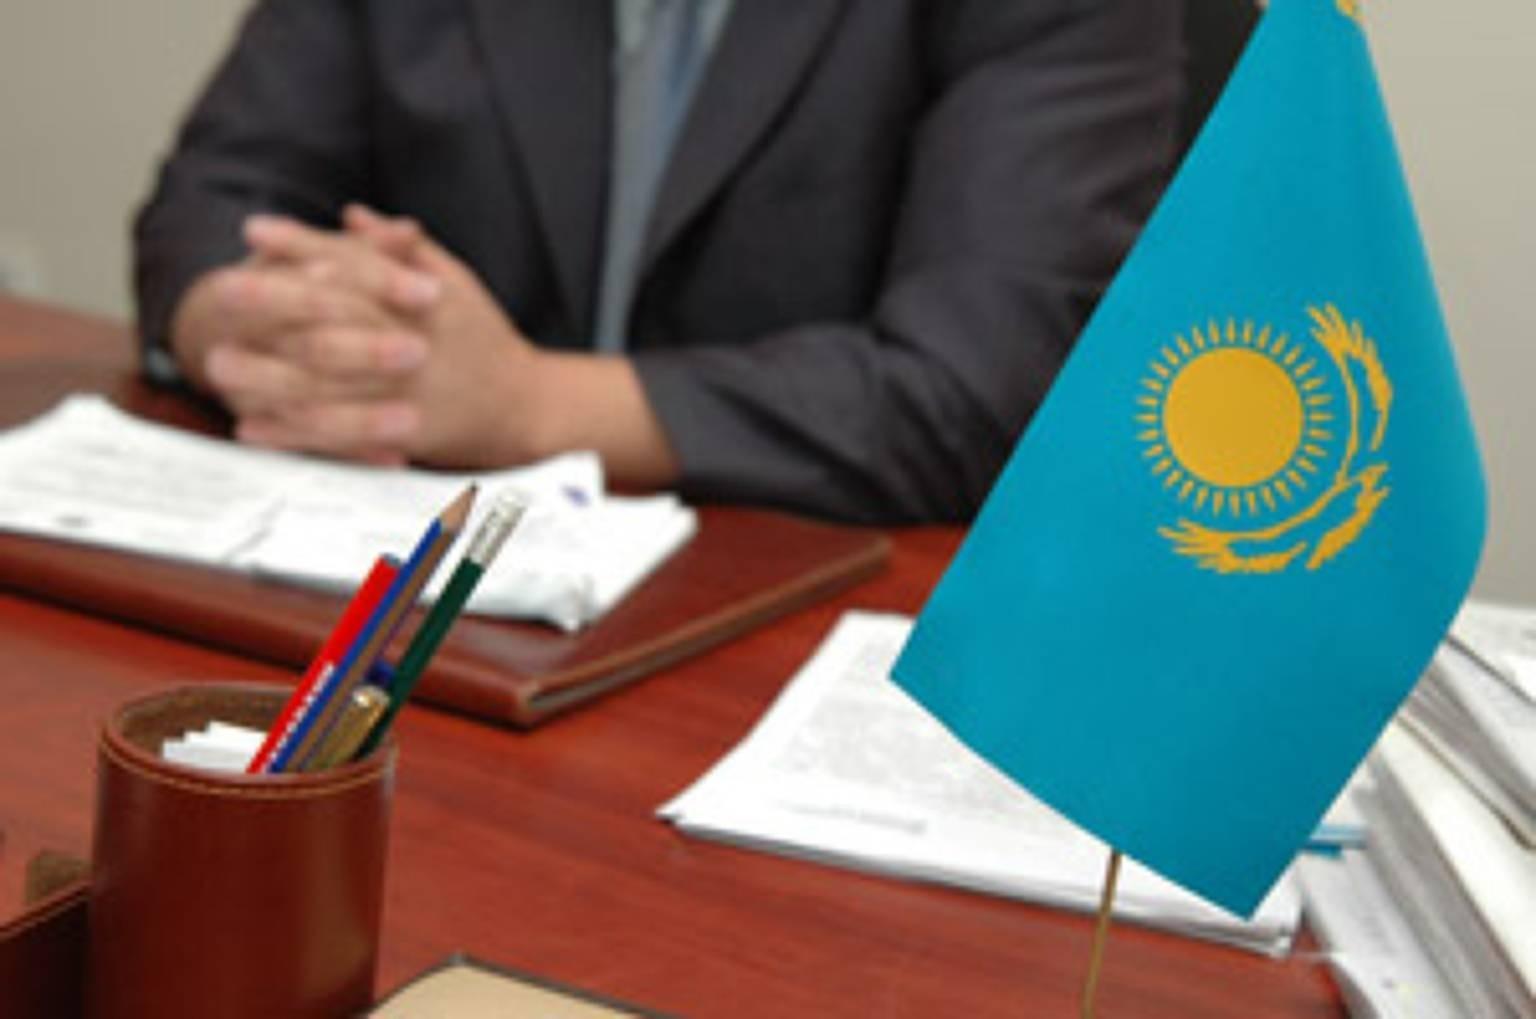 Налоговикам в Казахстане повысят зарплаты с целью снижения уровня коррупции